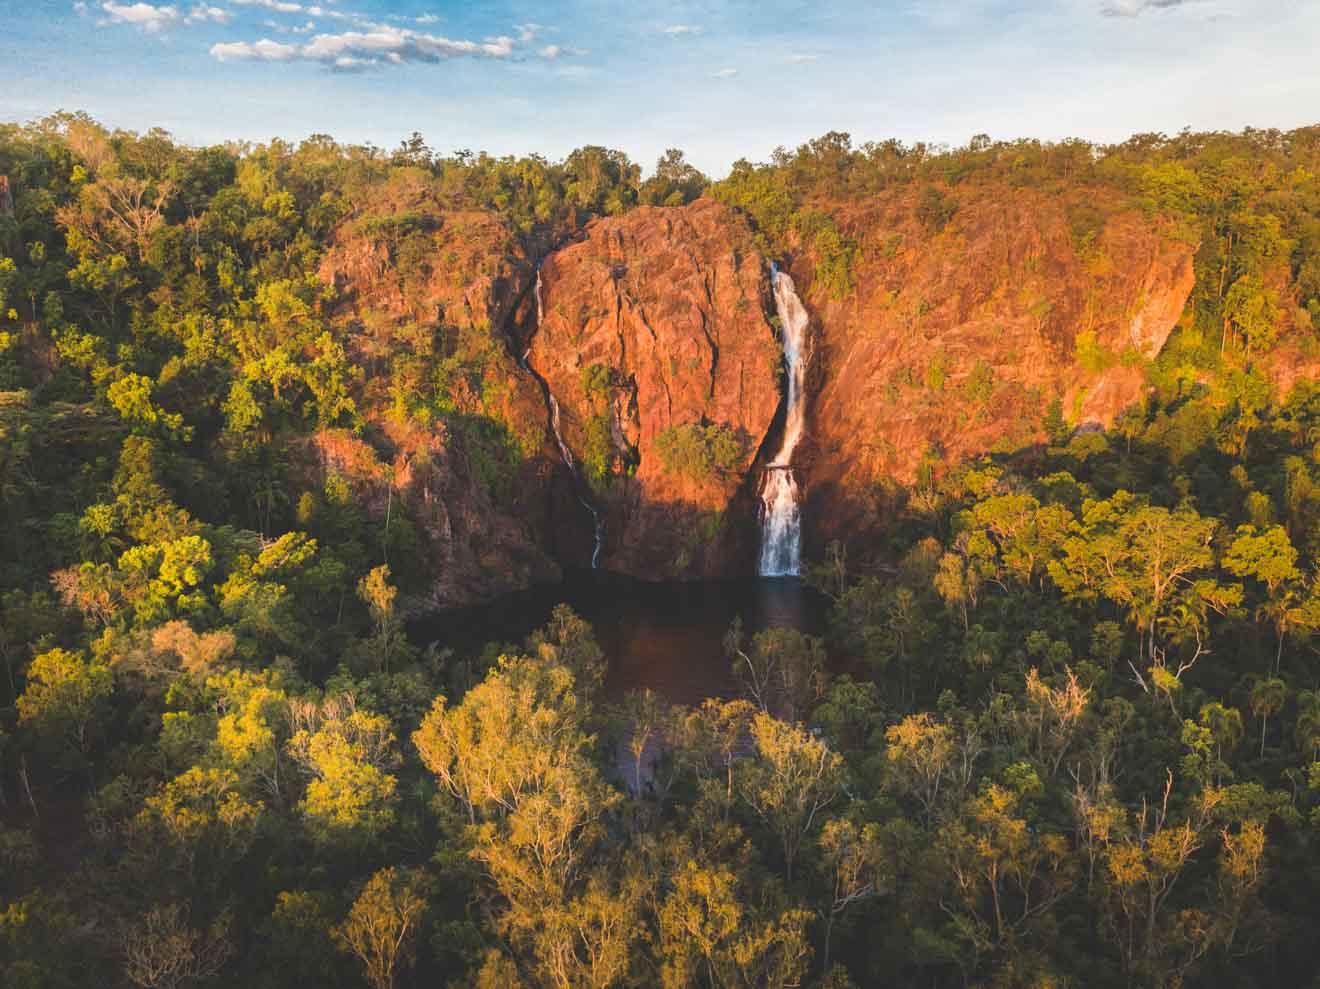 Excursiones de un día a las cataratas Wangi desde Darwin